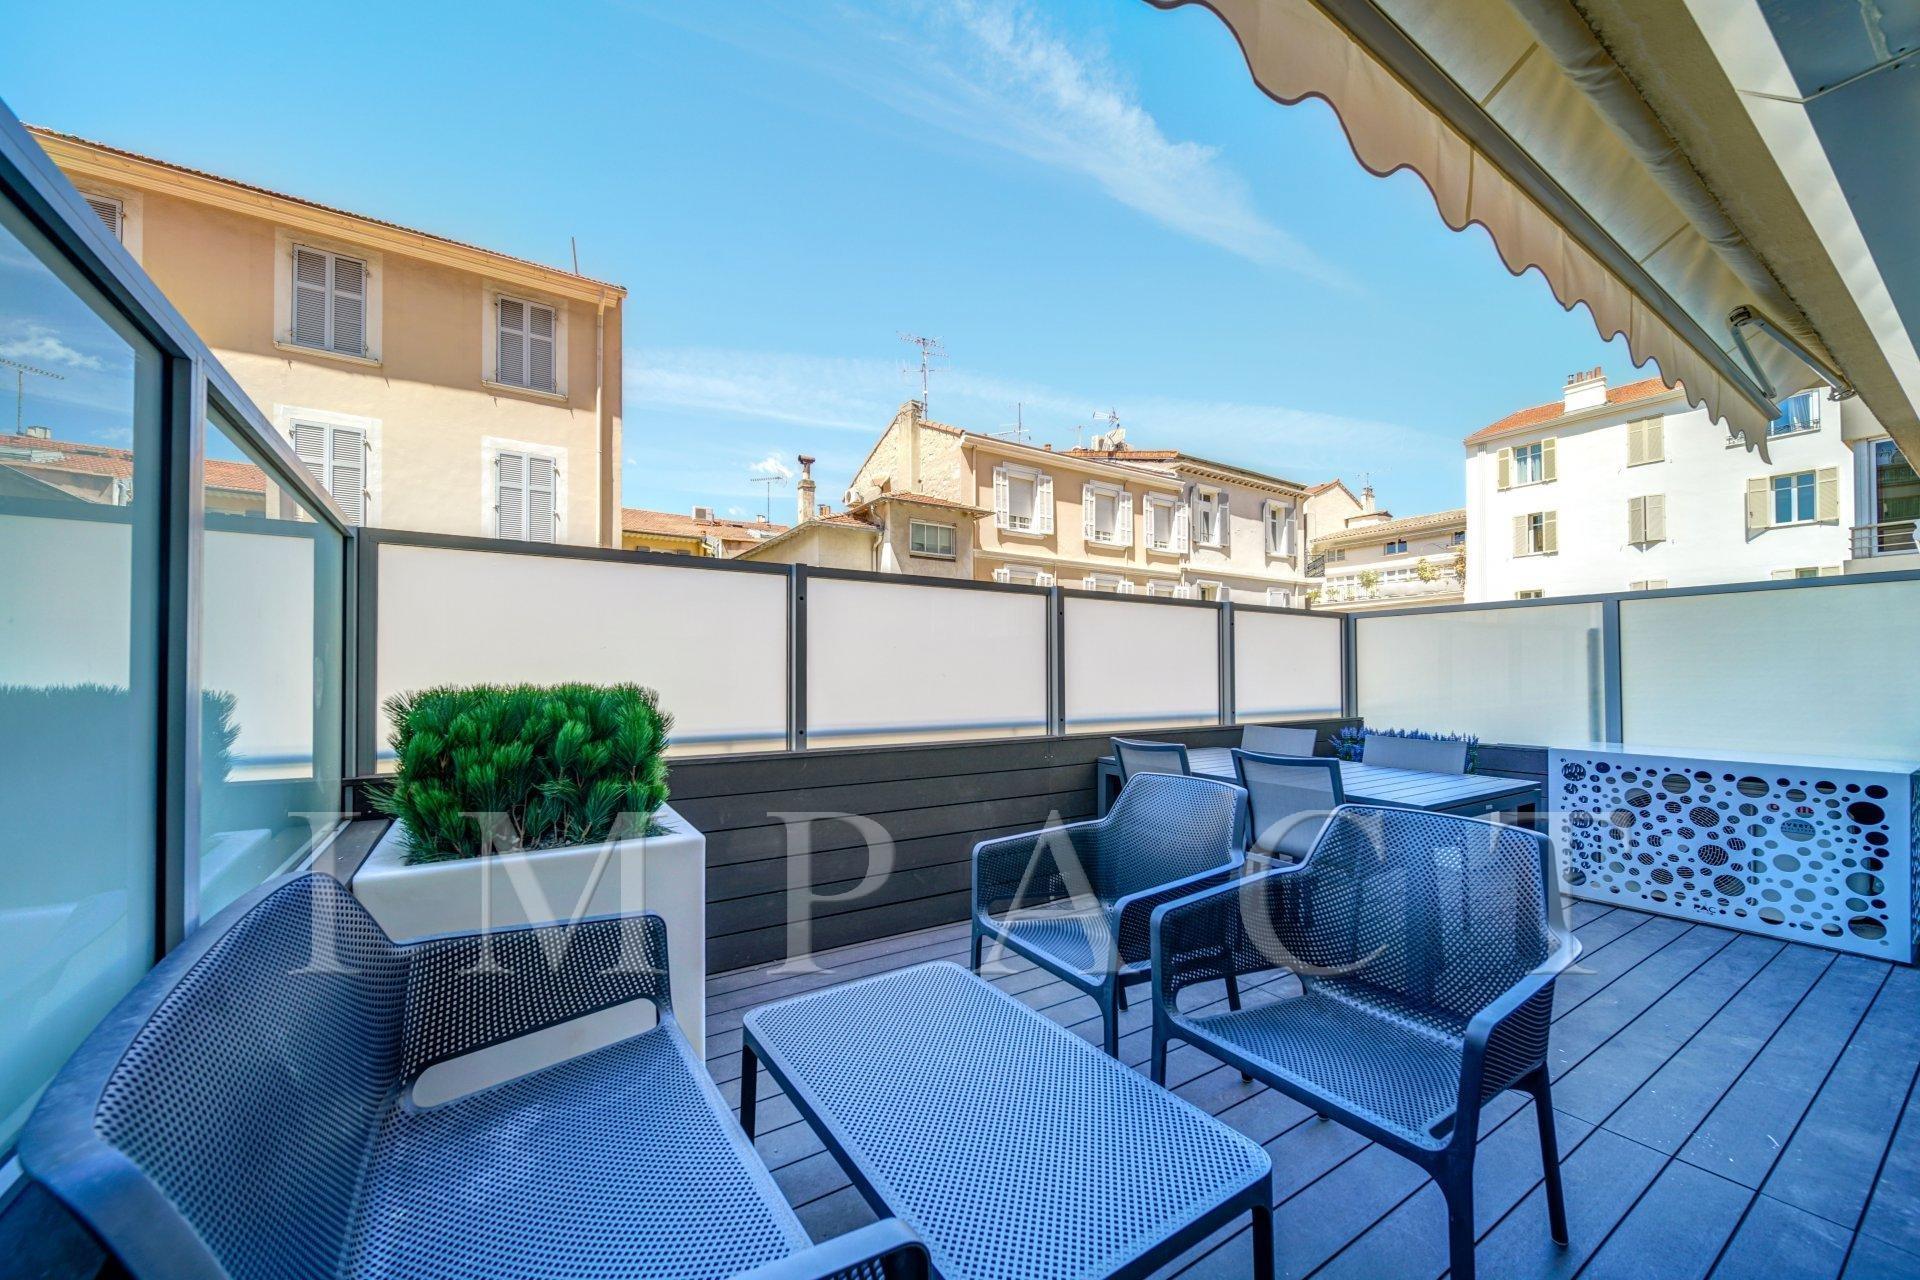 Location saisonnière - Appartement 1 chambre au centre ville de Cannes